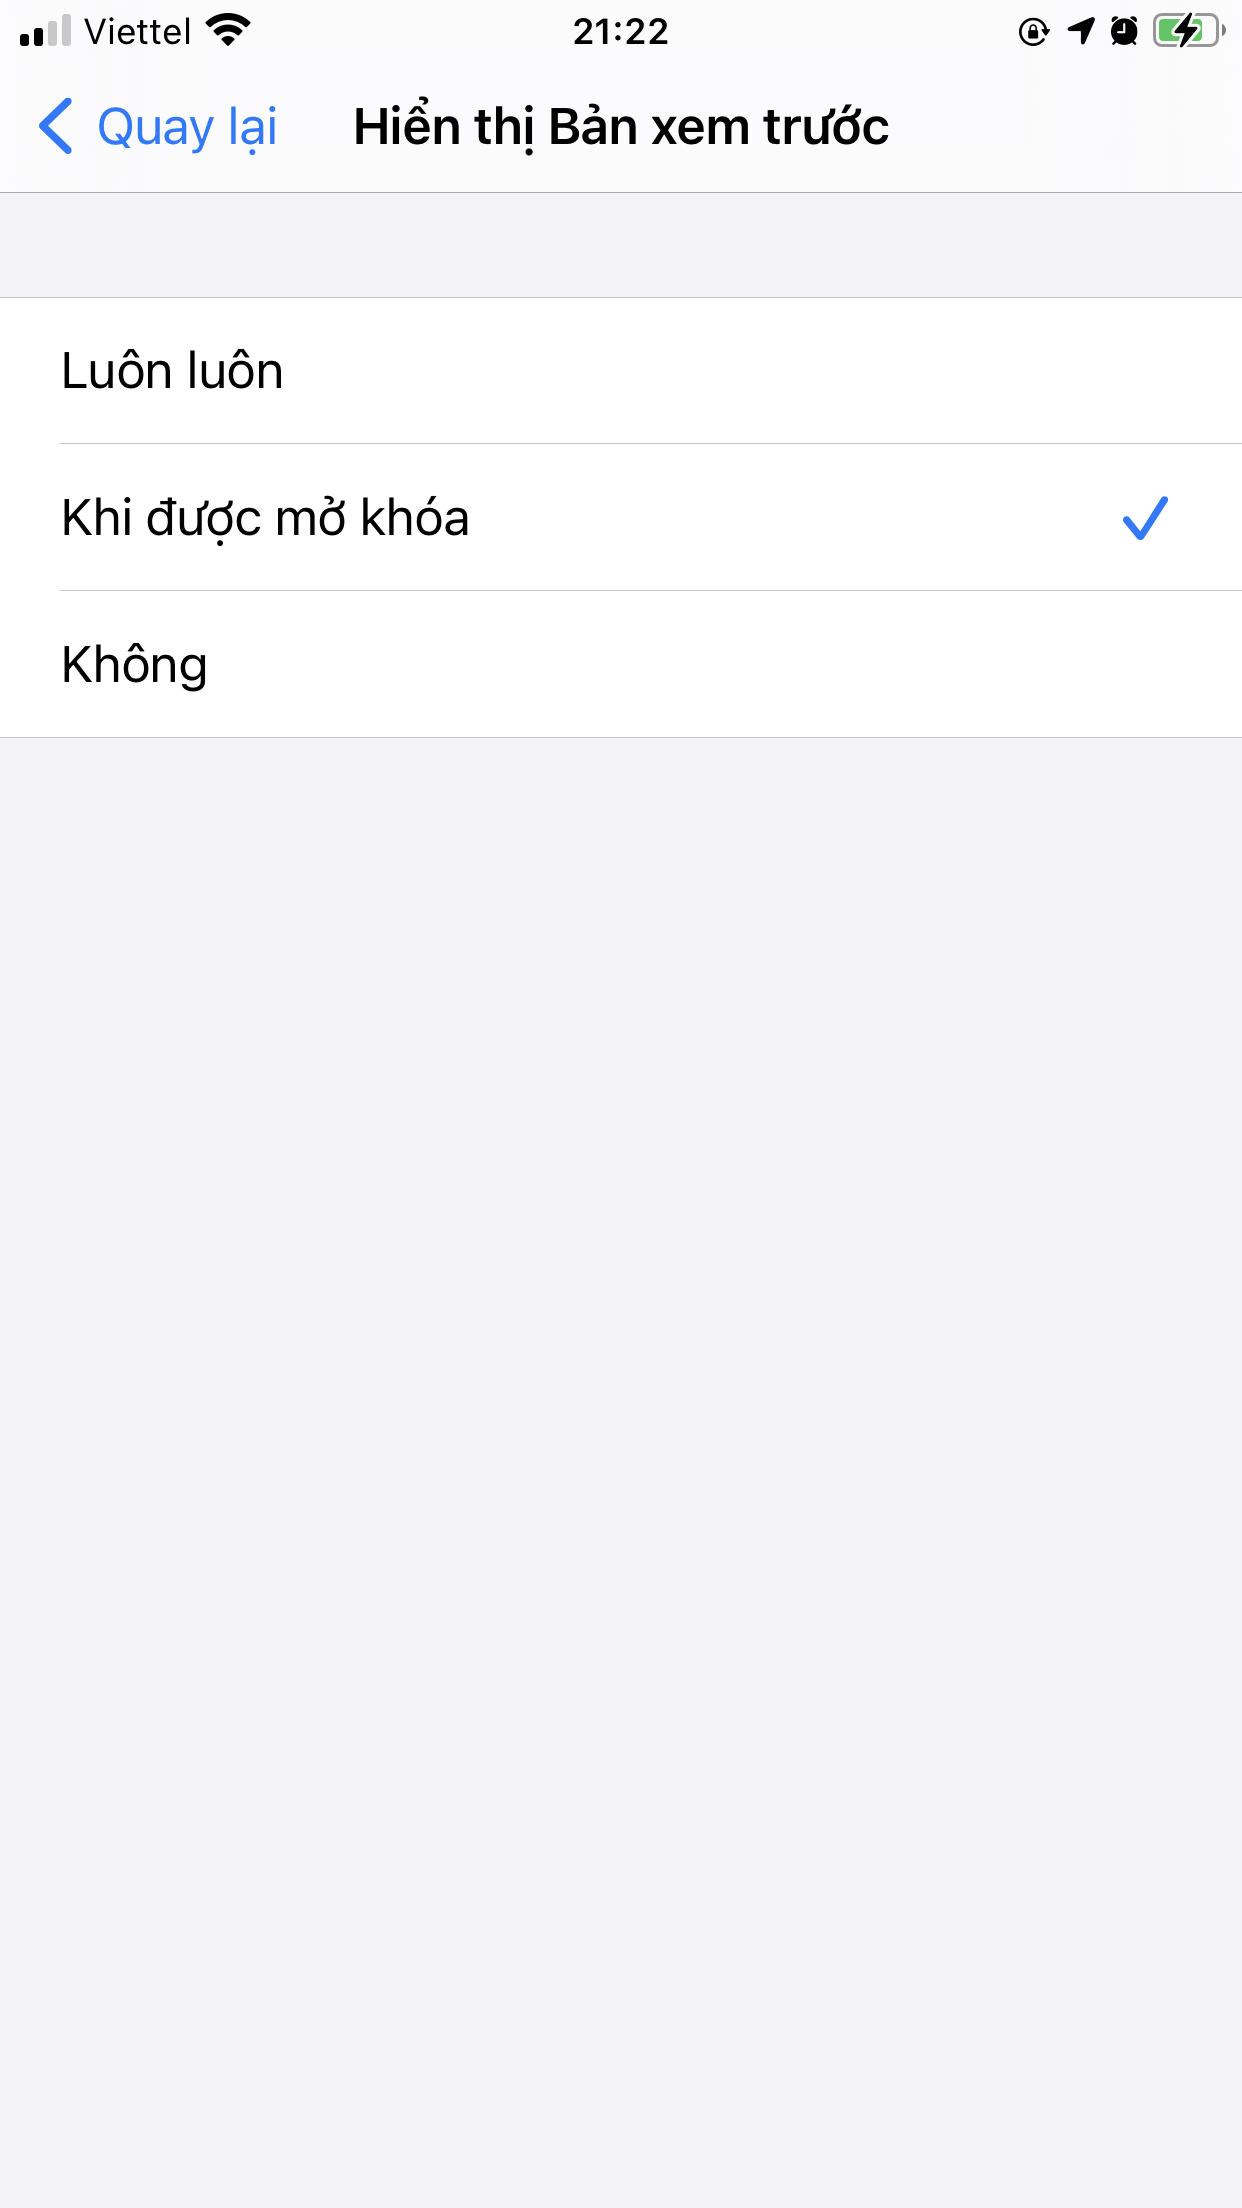 Ẩn ngay nội dung thông báo trên màn hình khóa iPhone với vài thao tác siêu đơn giản - Ảnh 4.